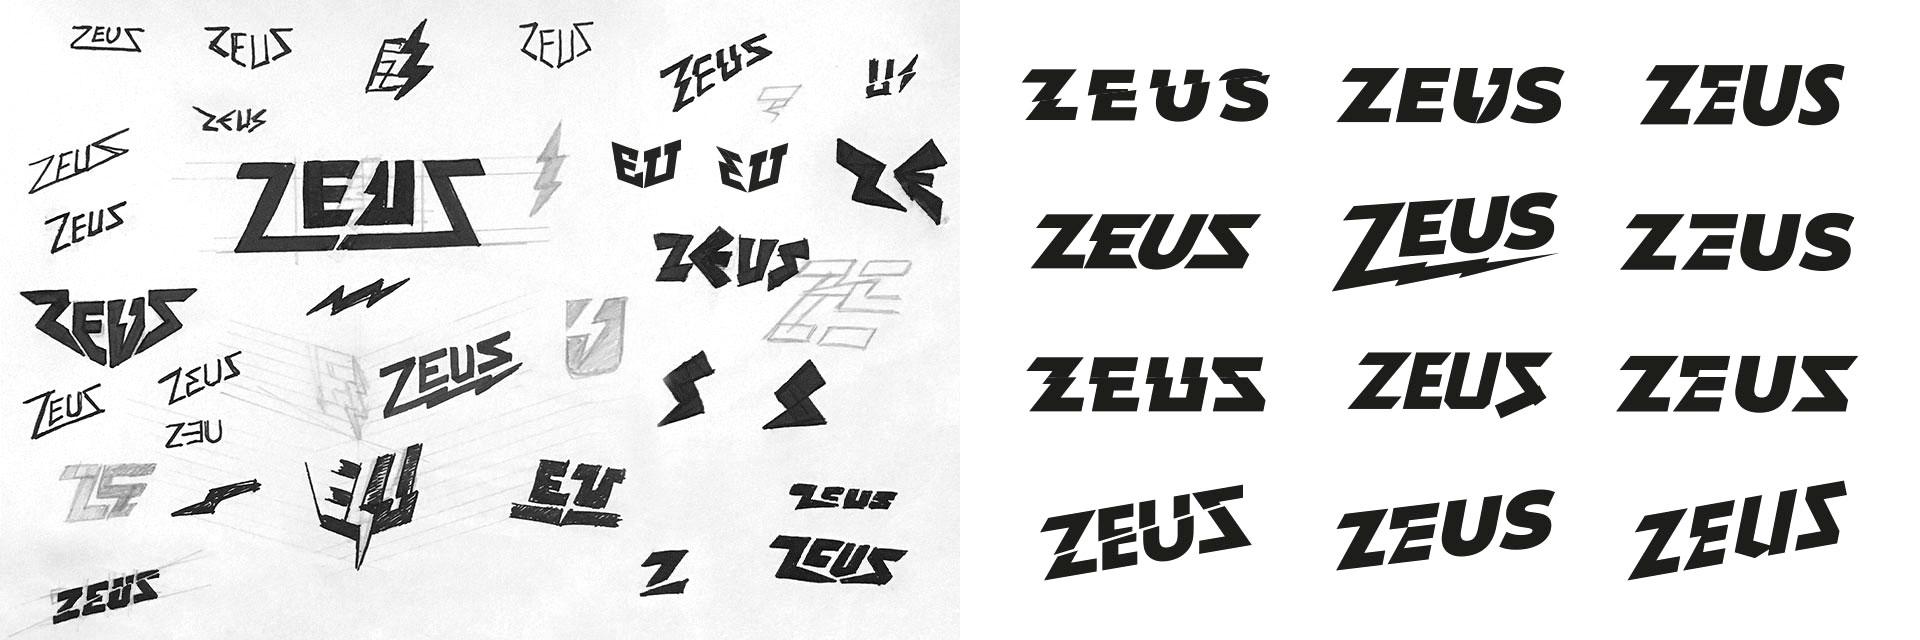 Zeus logo concept sketches